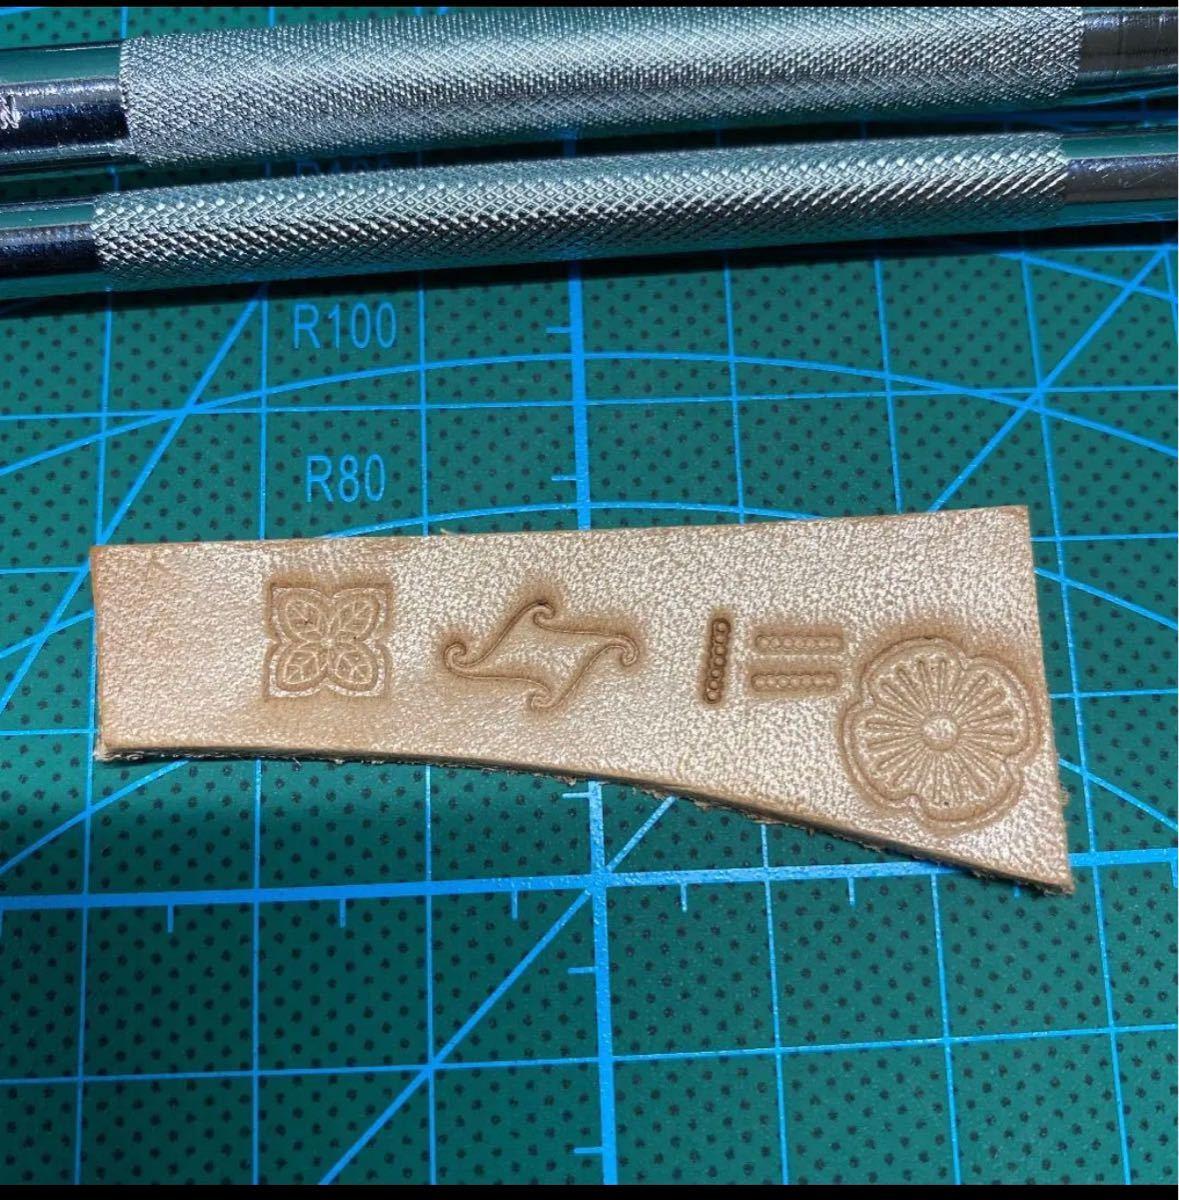 レザークラフト刻印 4個セット